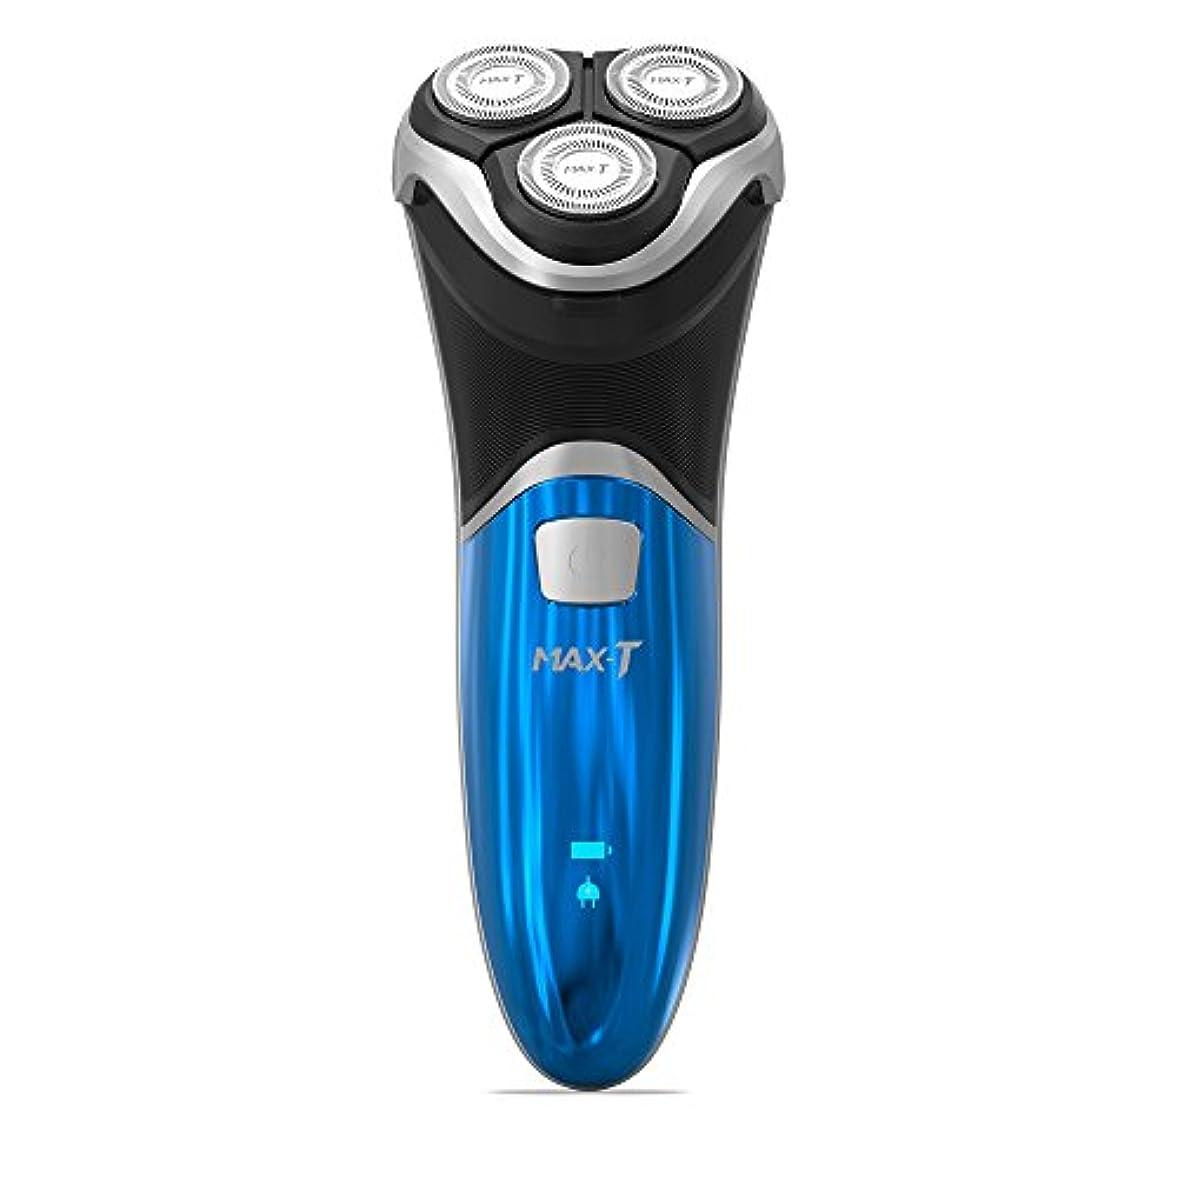 希少性書く海里シェーバー 3枚刃 IPX7級防水 お風呂剃り可 Micro USB充電 トリマー付属 MAX-T RMS6101 (RMS6101)